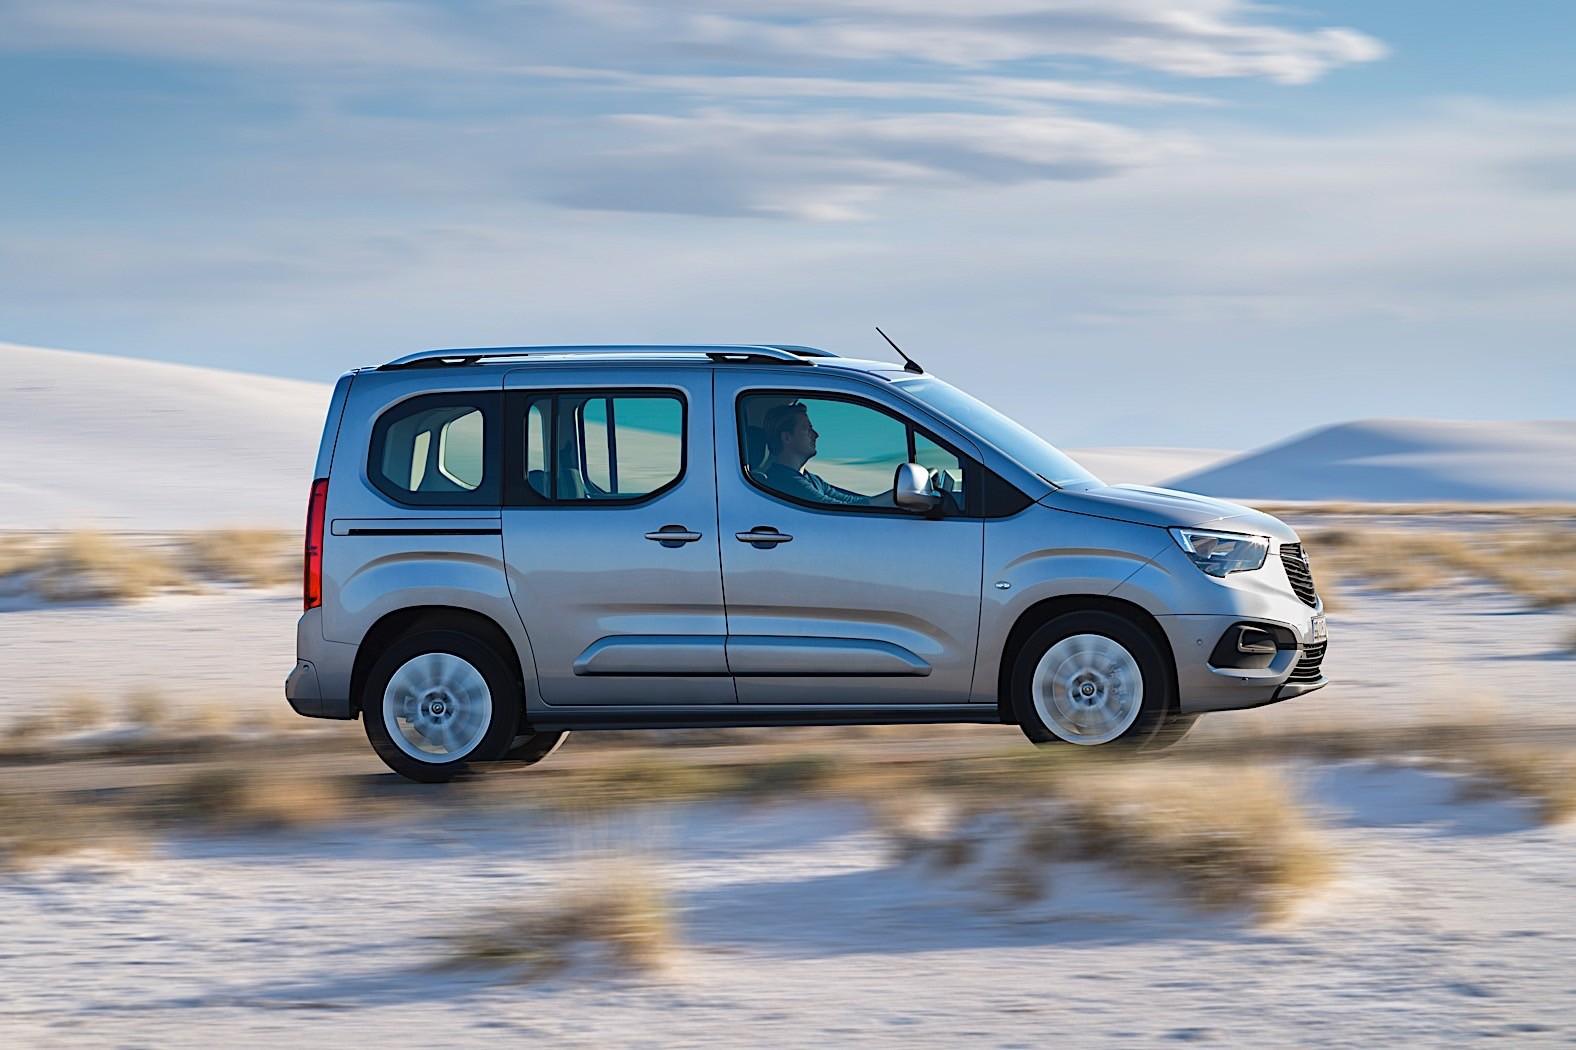 Opel Astra Sedan 2018 >> New Opel Combo Life Can Still Not Hold a Giraffe - autoevolution